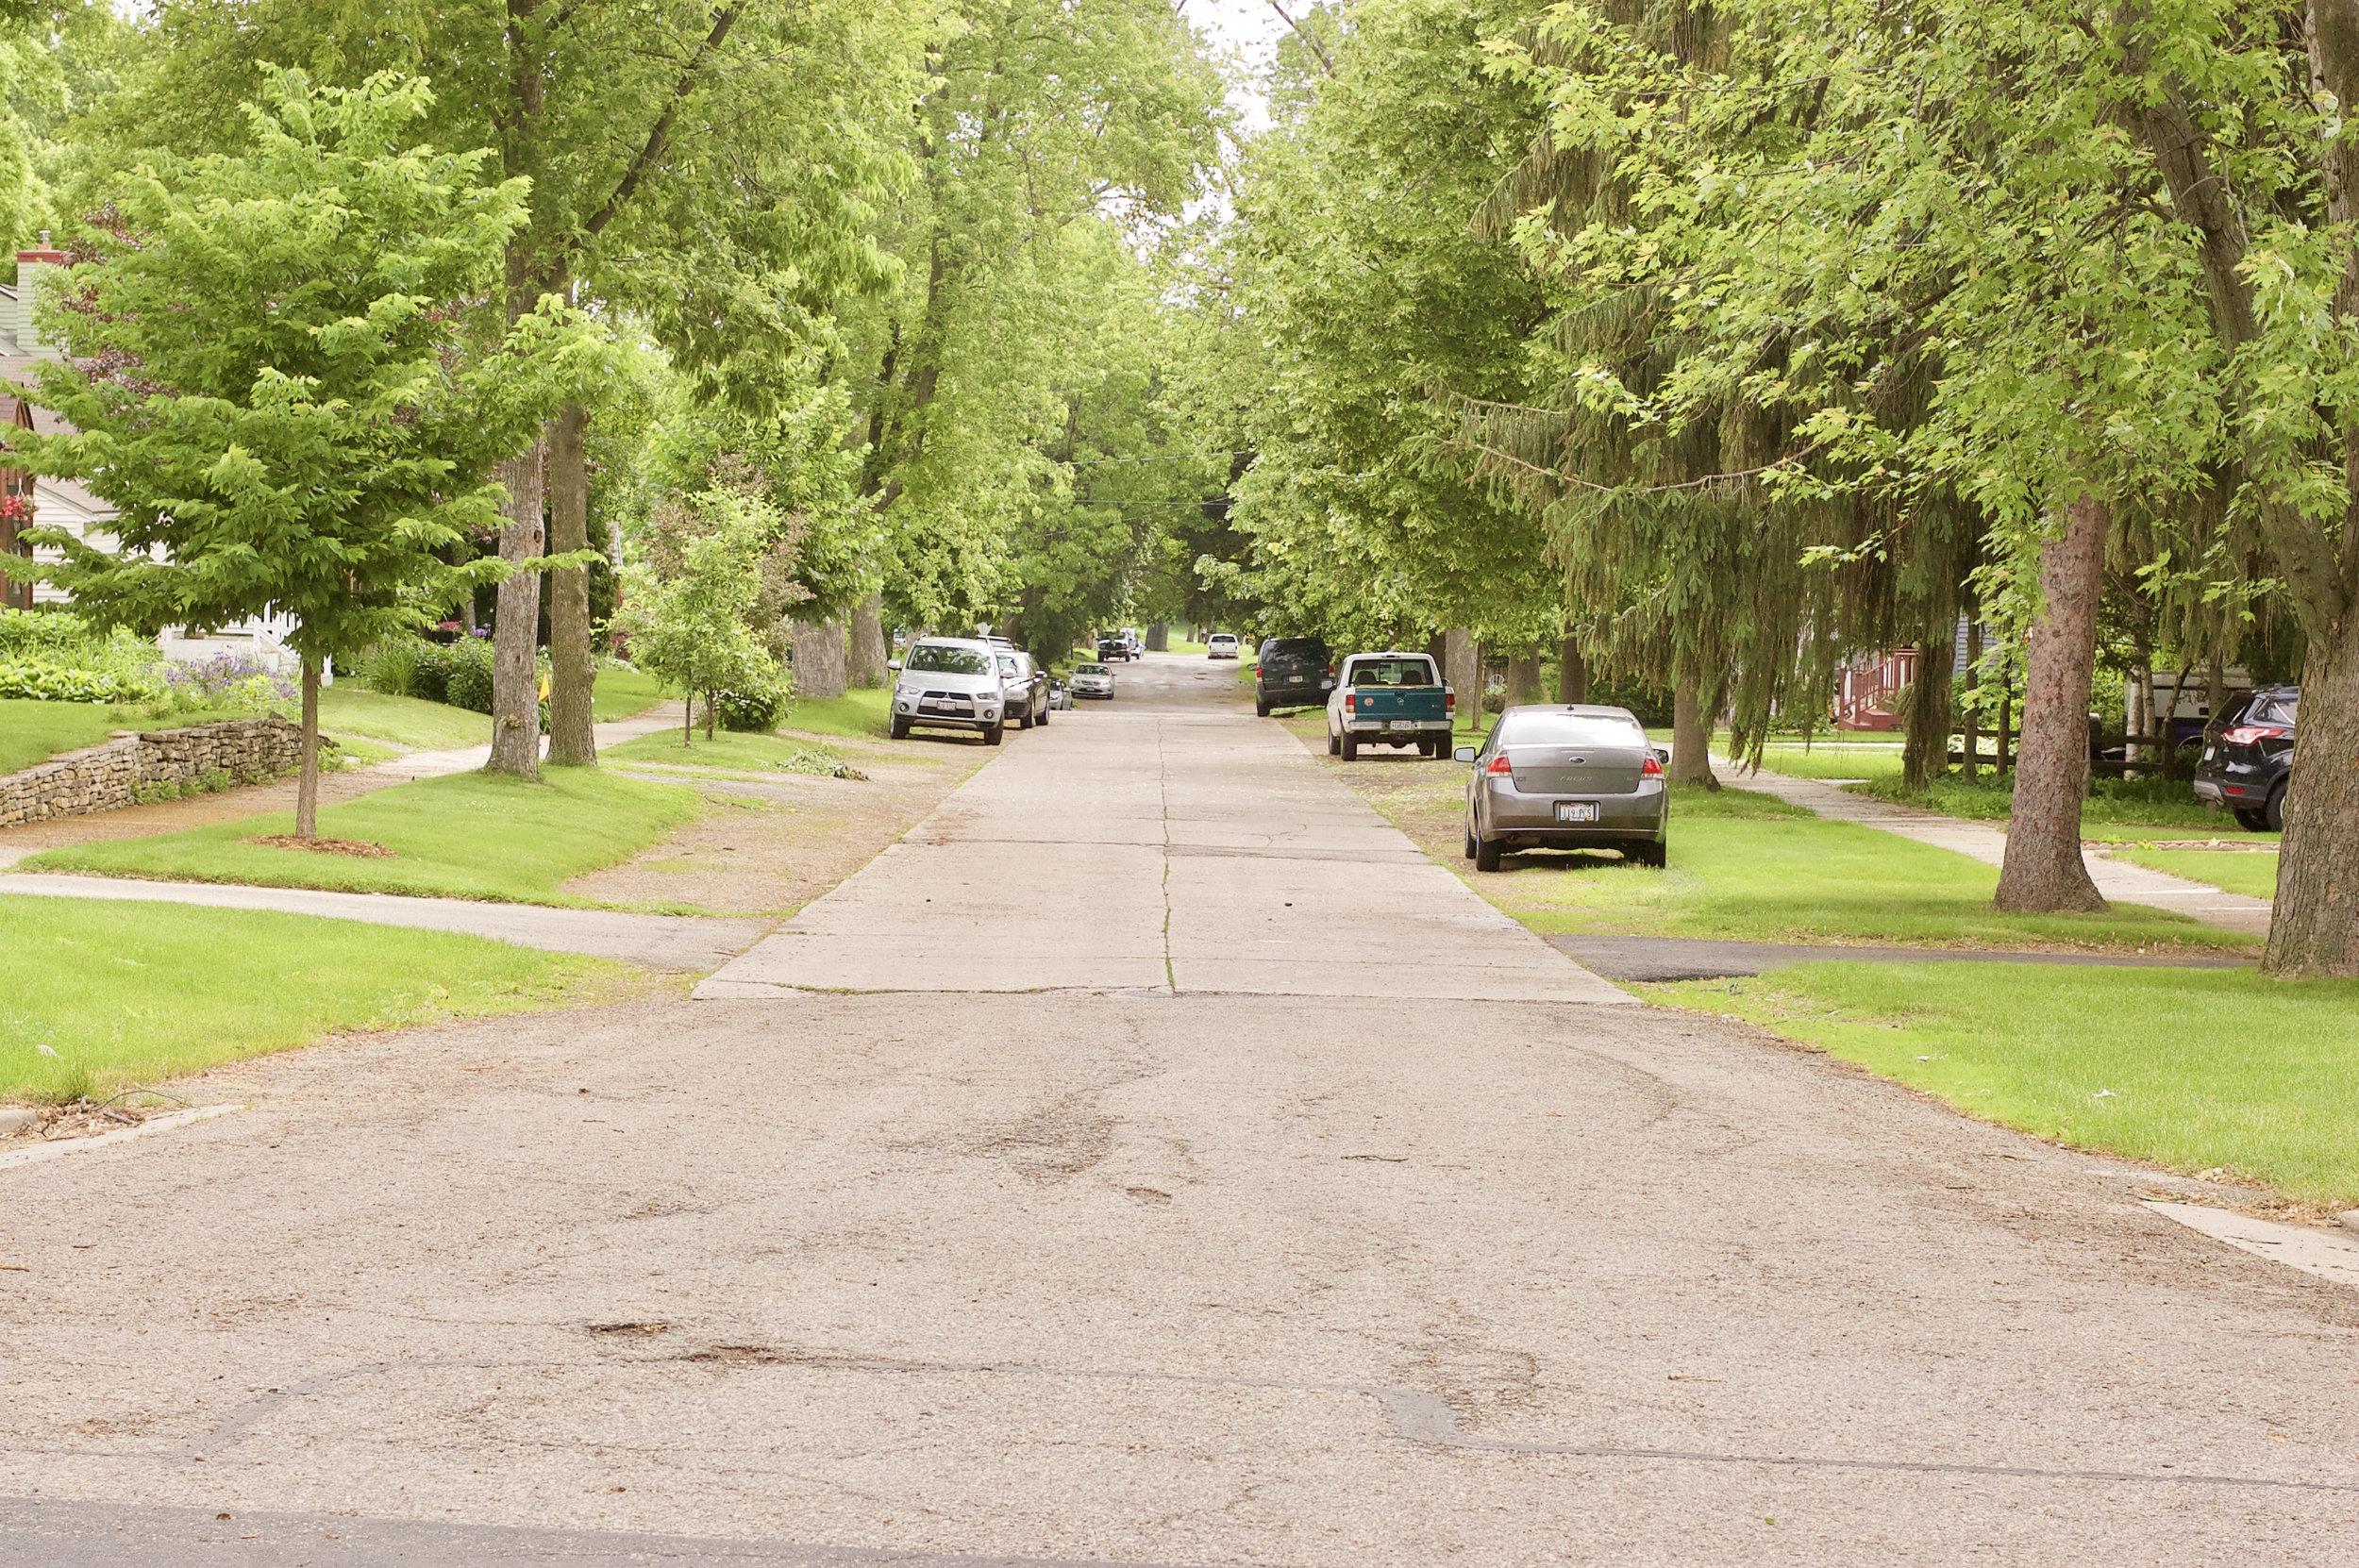 Parkway. Westmorland Neighborhood. Madison, Wisconsin. June 2015. © William D. Walker